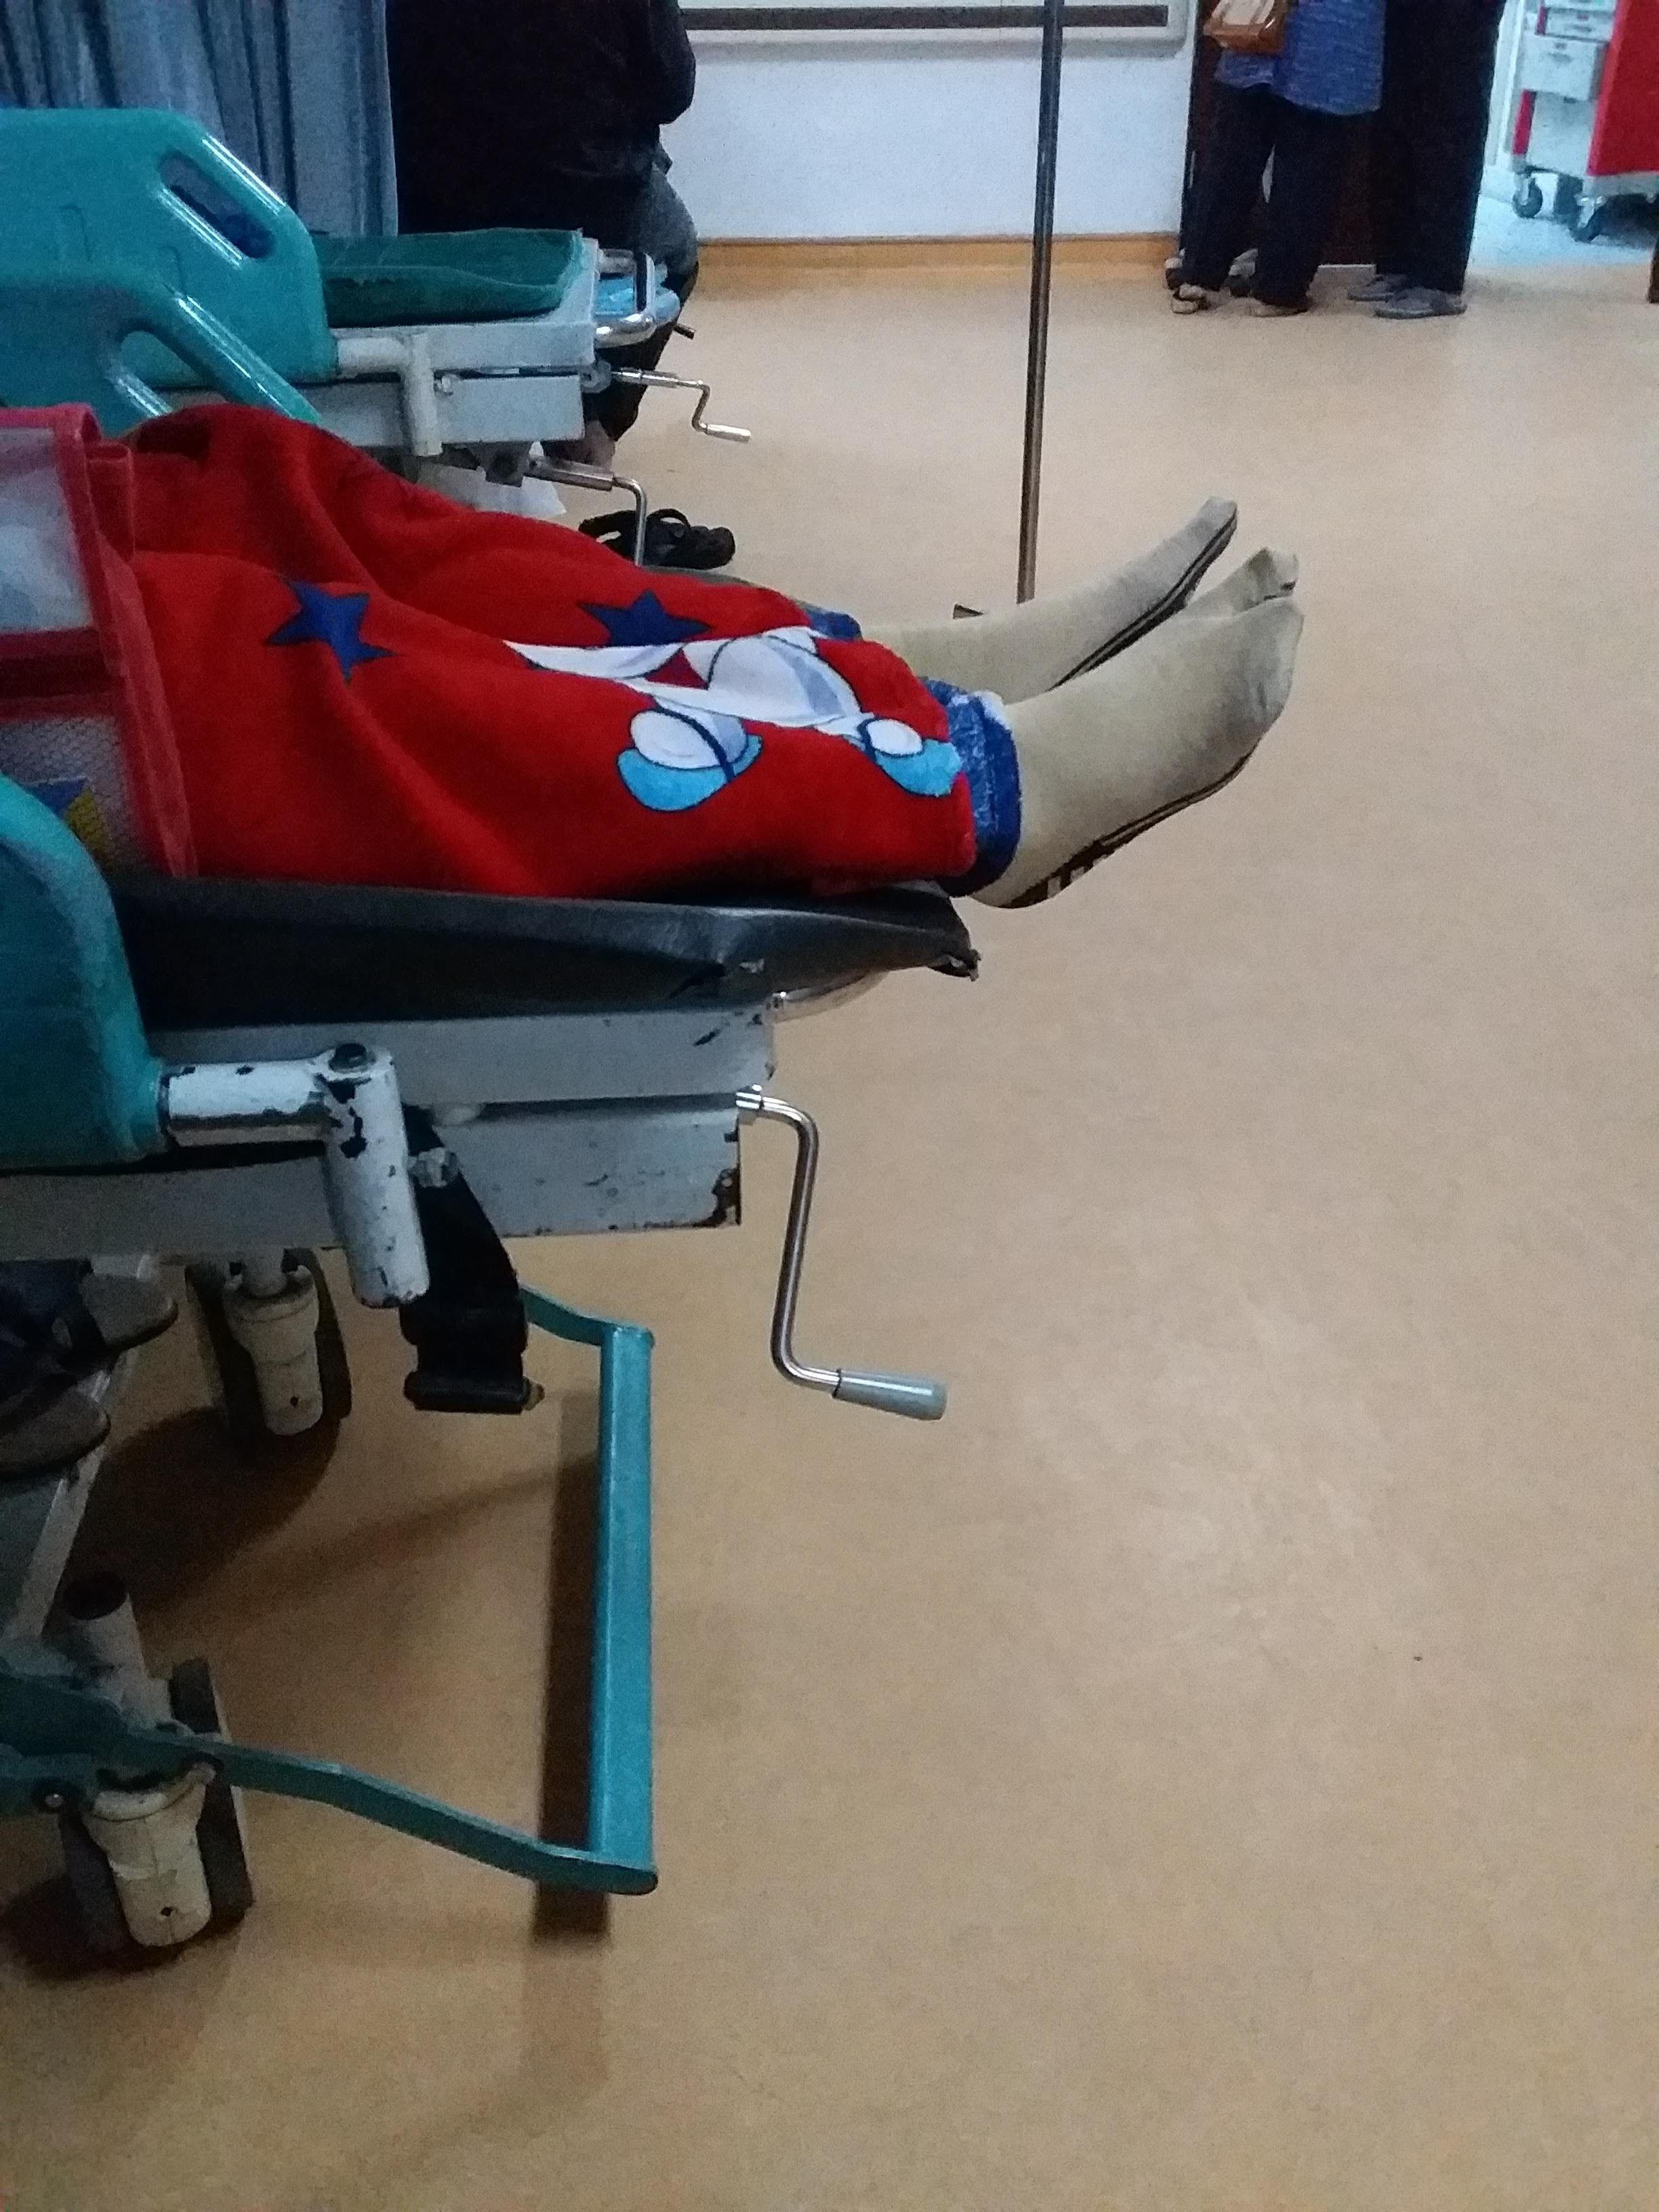 Rumah Sakit Tempat Mensyukuri Rezeki Halaman 1 Kompasiana